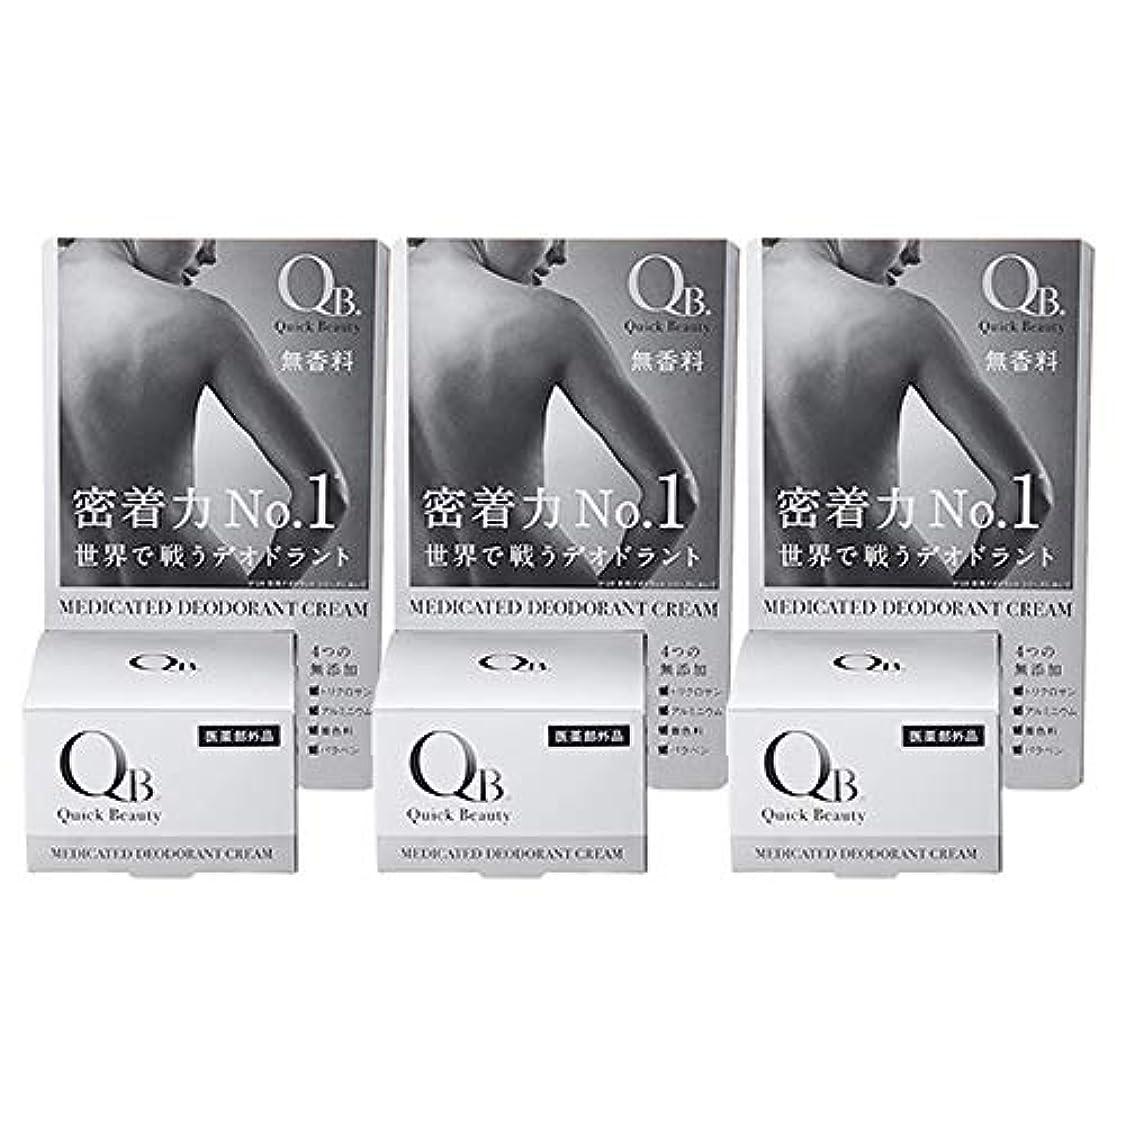 ゴミ選択するジャンル【お得3個セット】QB 薬用デオドラントクリーム 30g